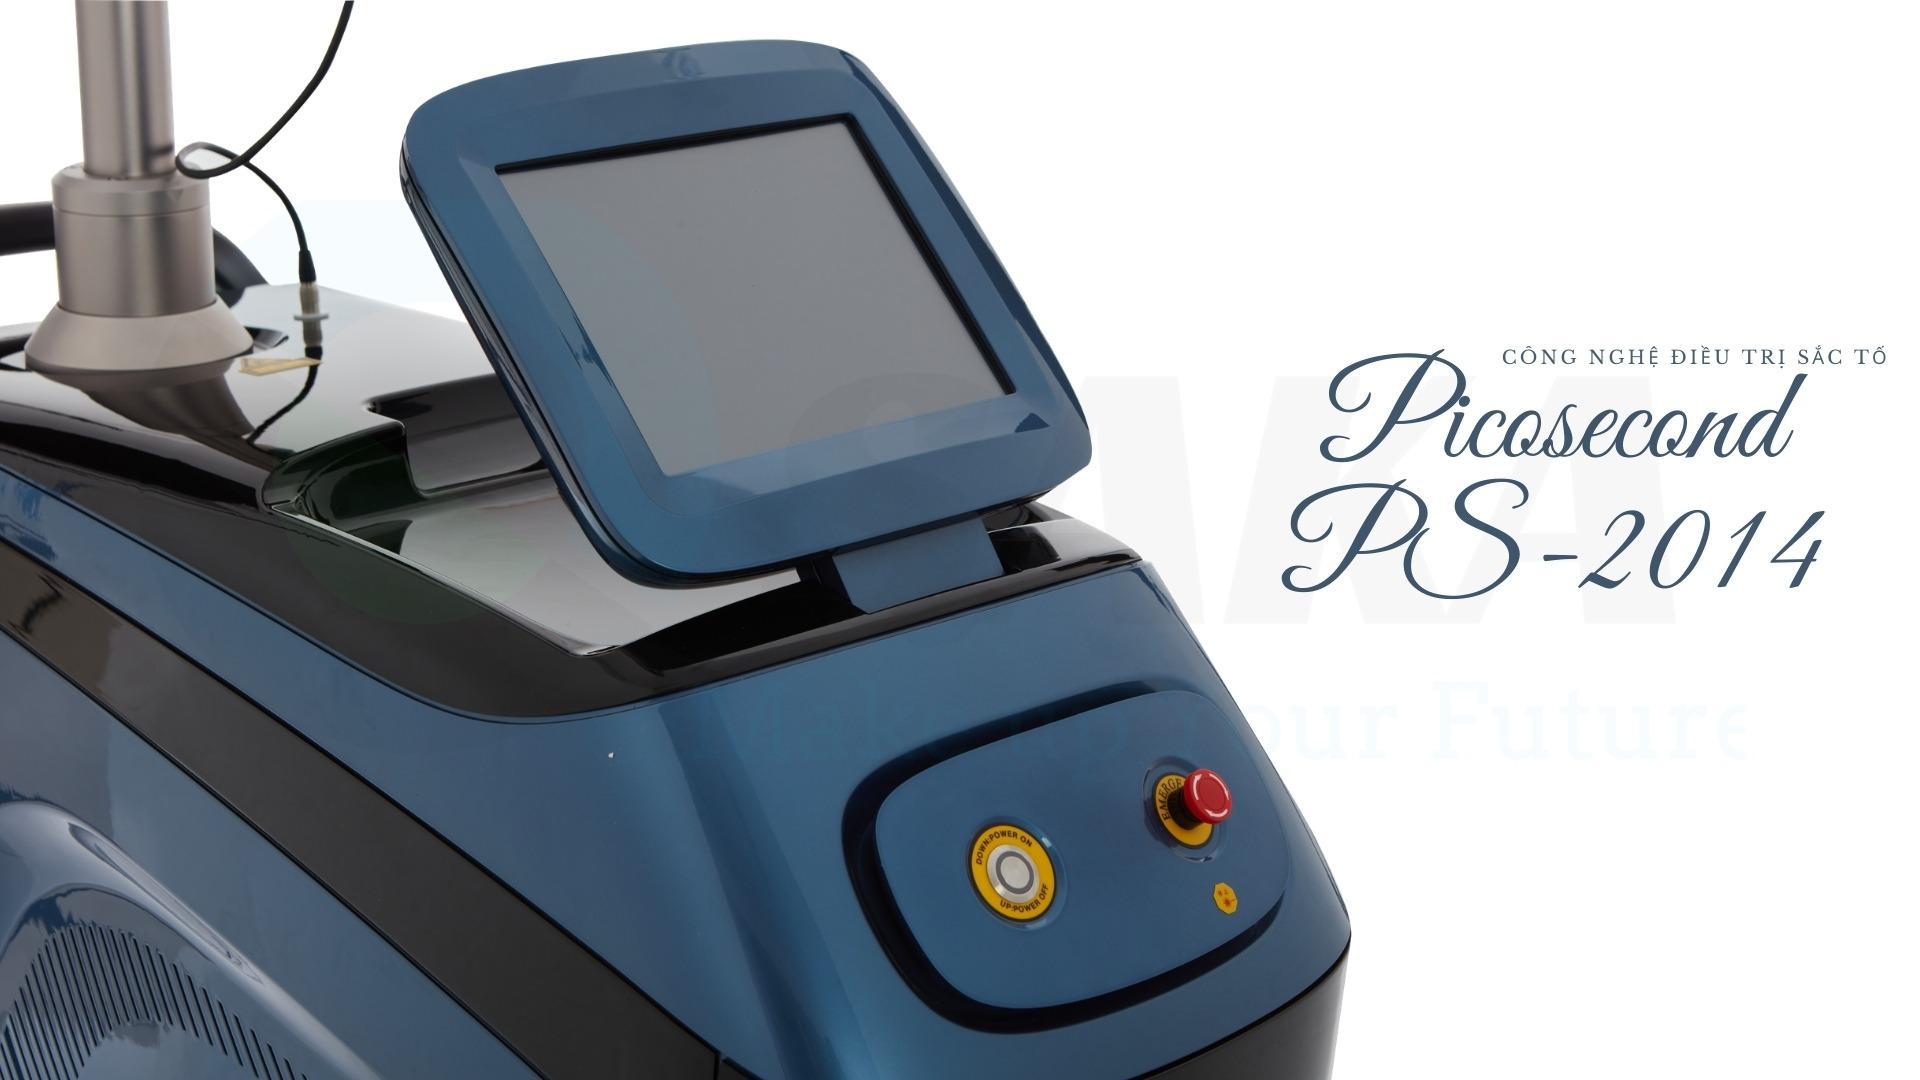 Giá máy công nghệ trị sắc tố picosecond